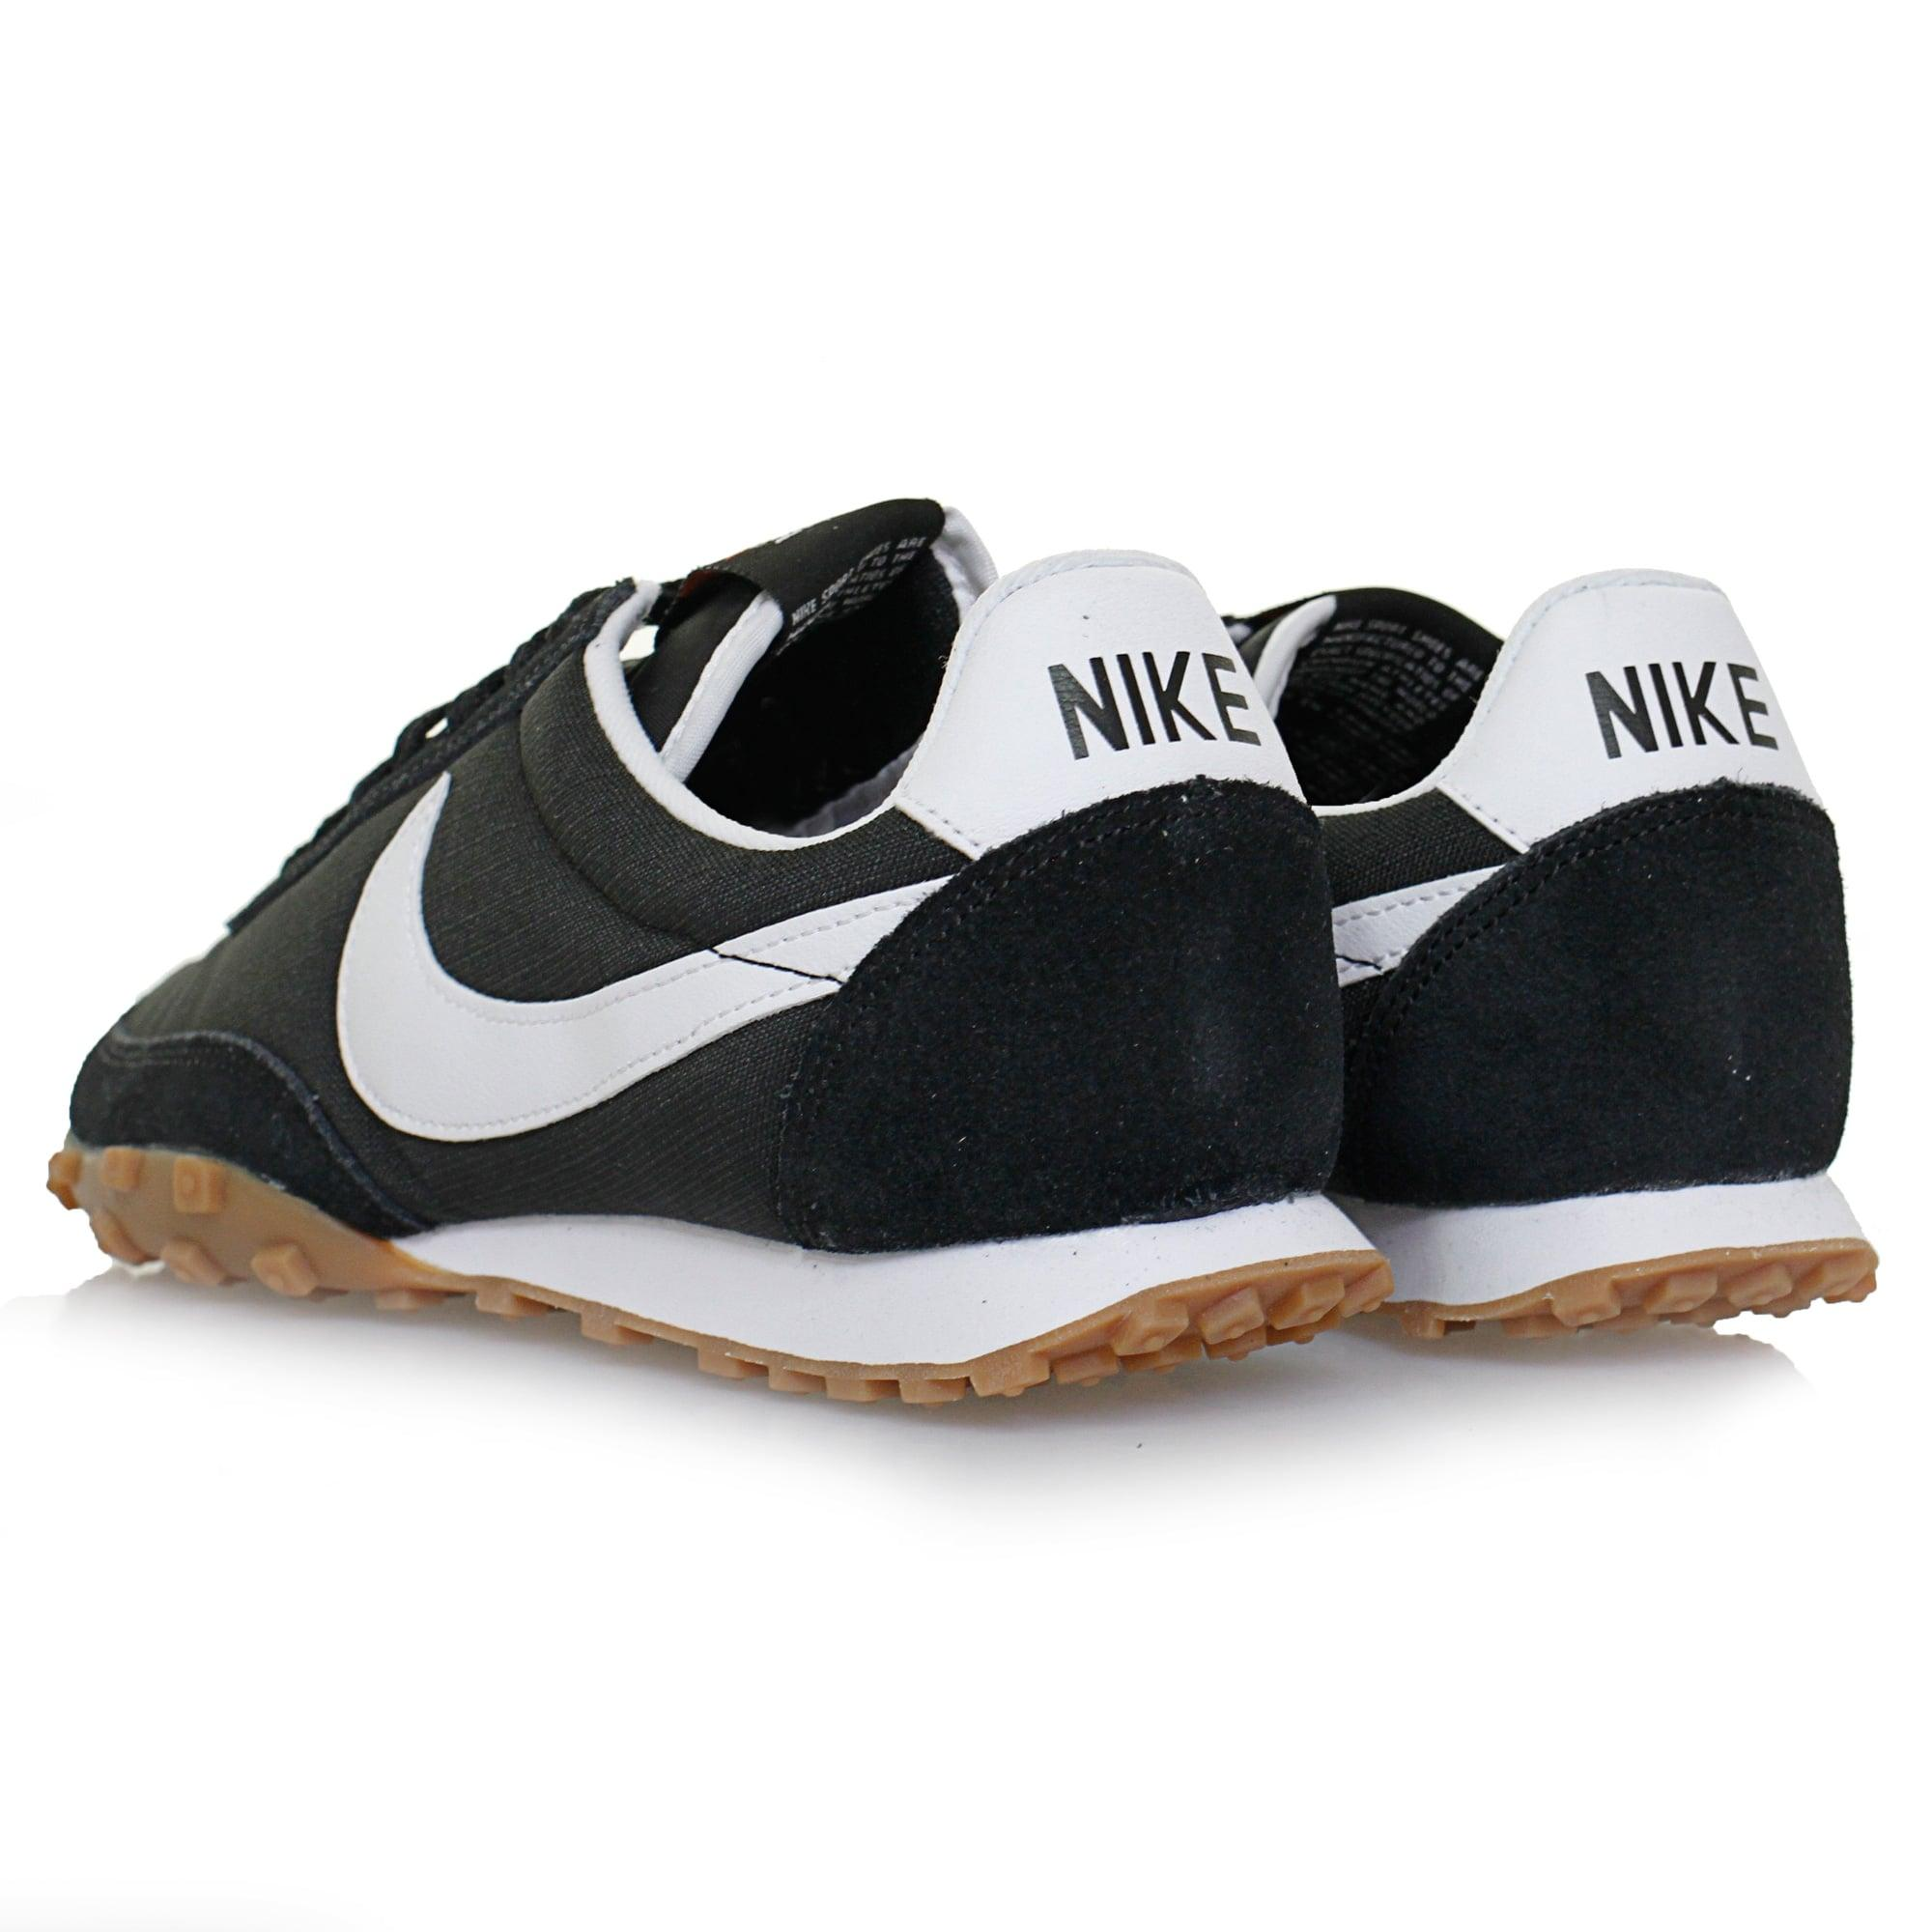 nike waffle racer 17 black shoe 876255 in black for men lyst. Black Bedroom Furniture Sets. Home Design Ideas